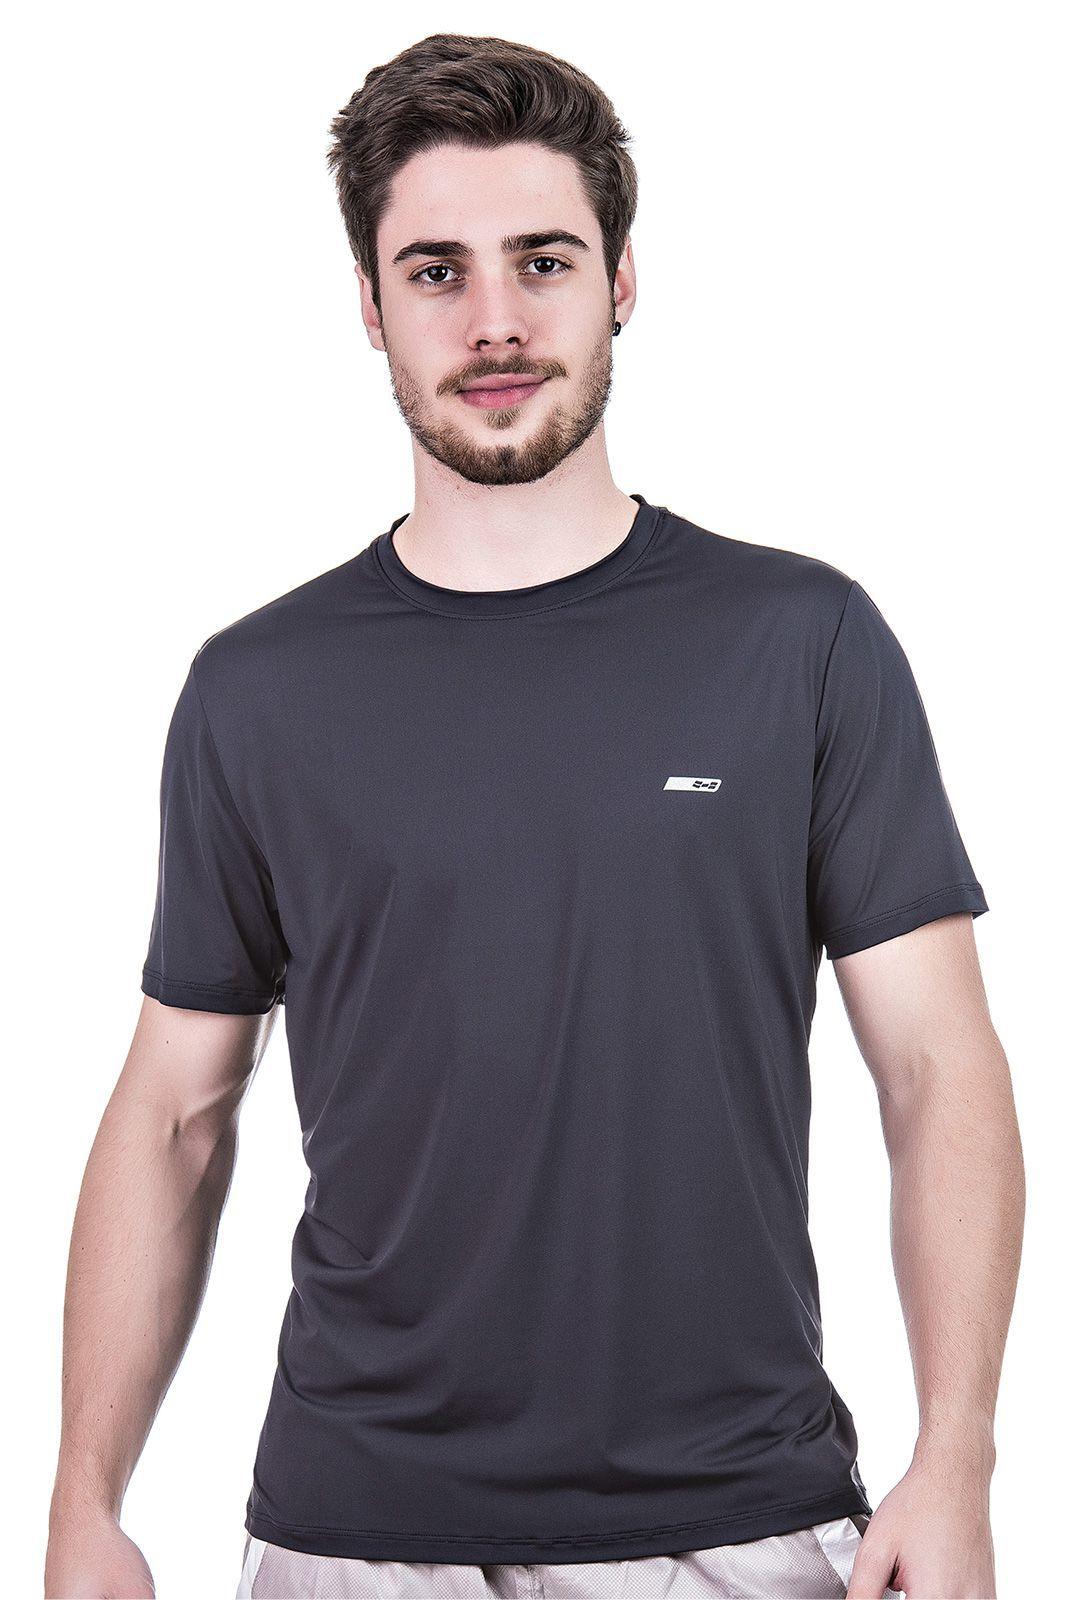 413481b8fbdf4c Camiseta Masculina Hifen com Proteção Solar UV 50+ - Manga Curta - Linha Dry  Fit